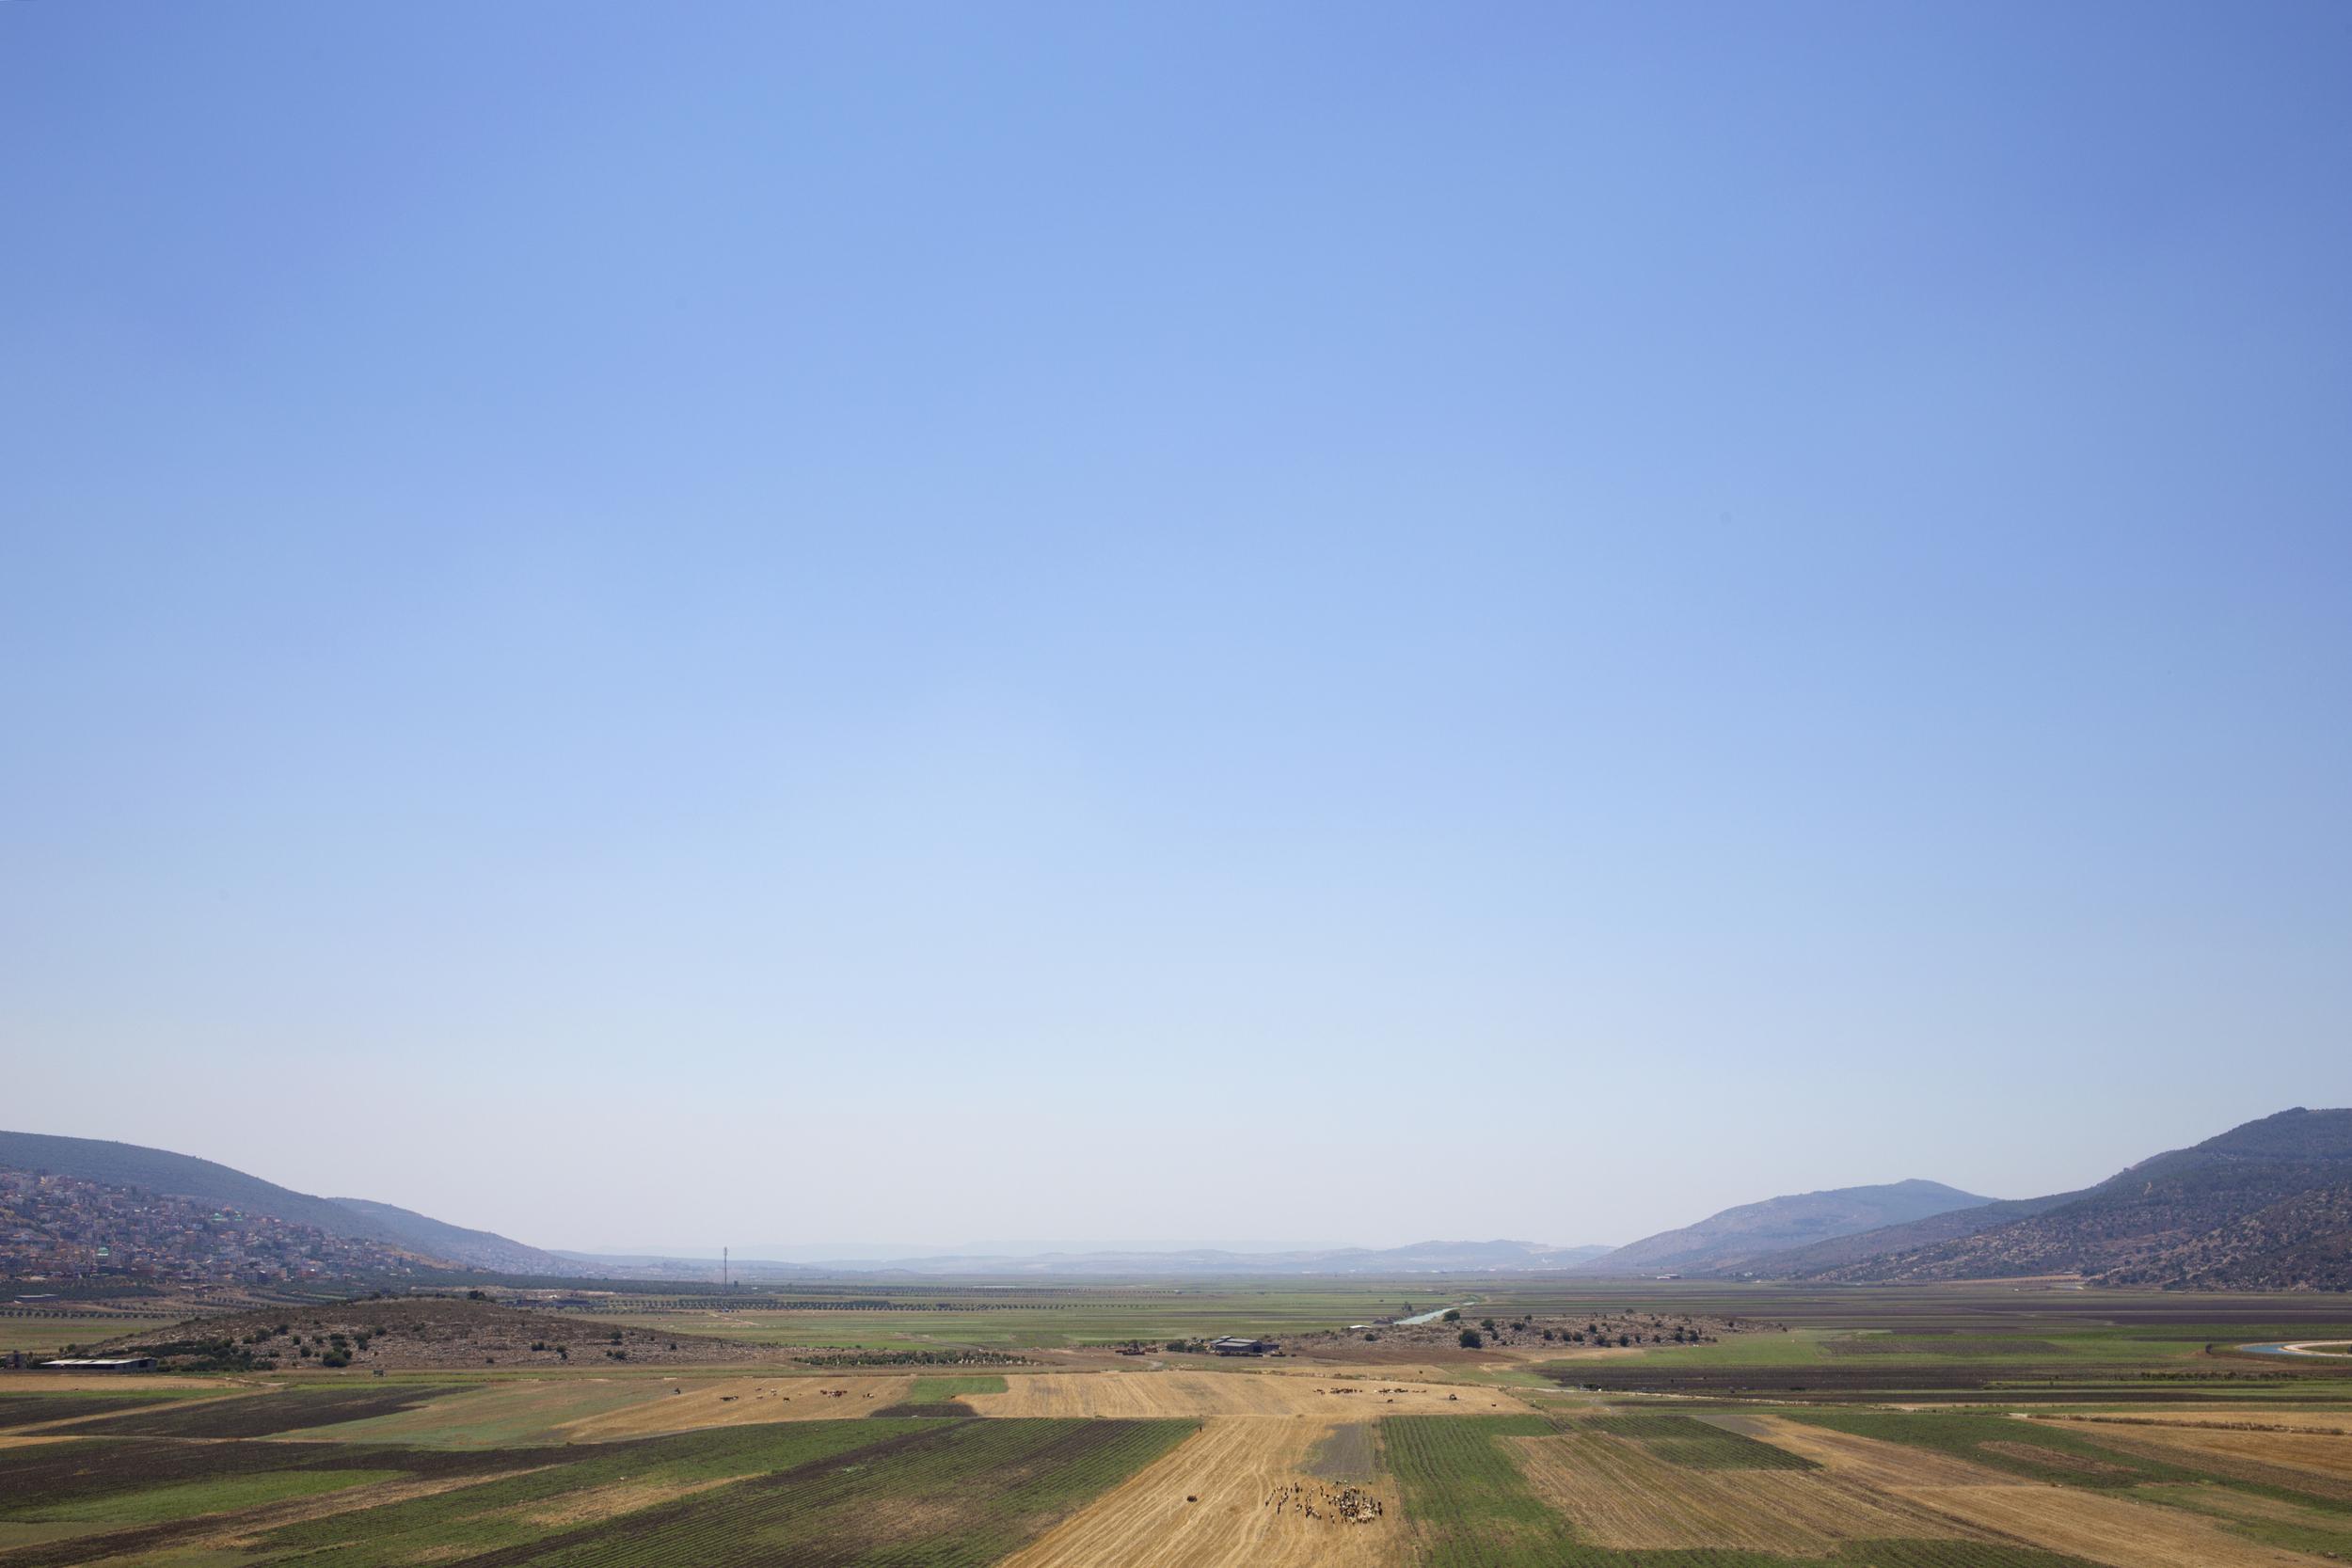 MTR_israel_arabfarm.jpg